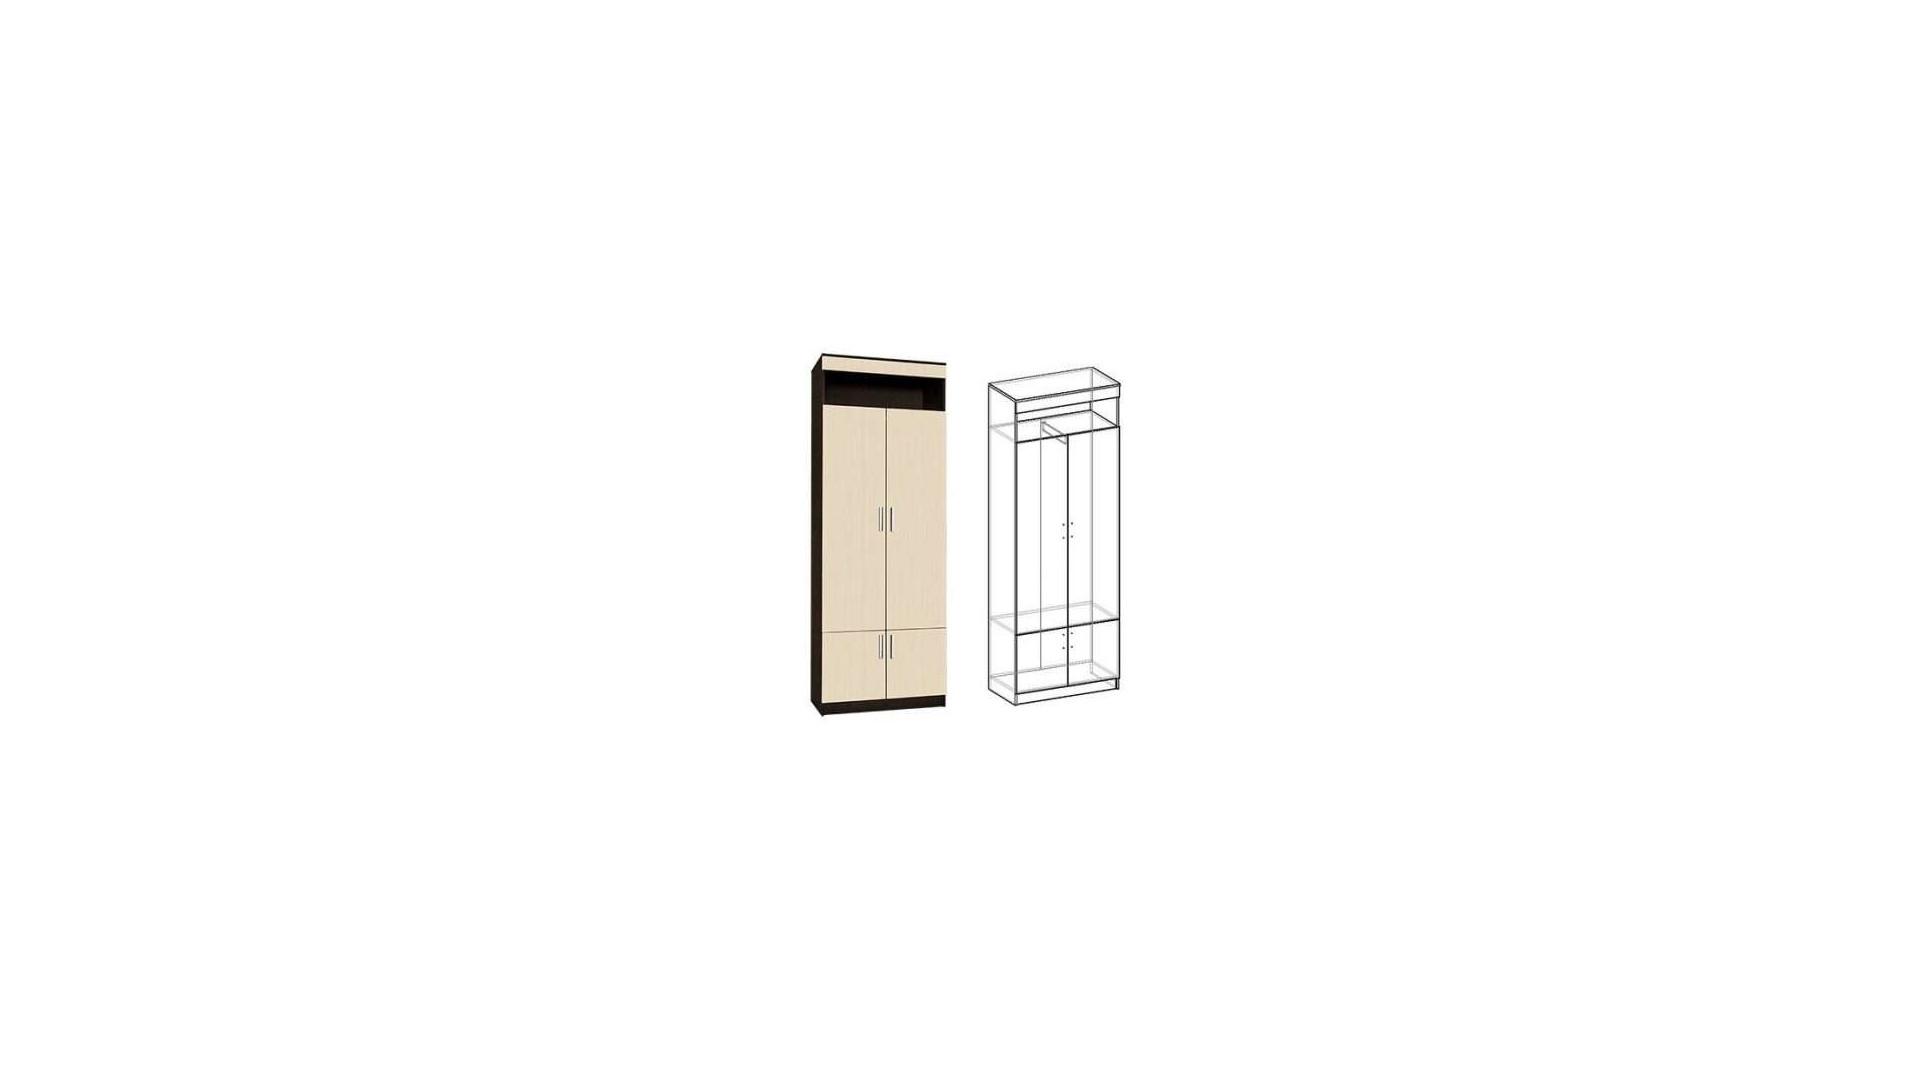 Шкаф 2х створчатый Ната-Лина Венге/Дуб молочный